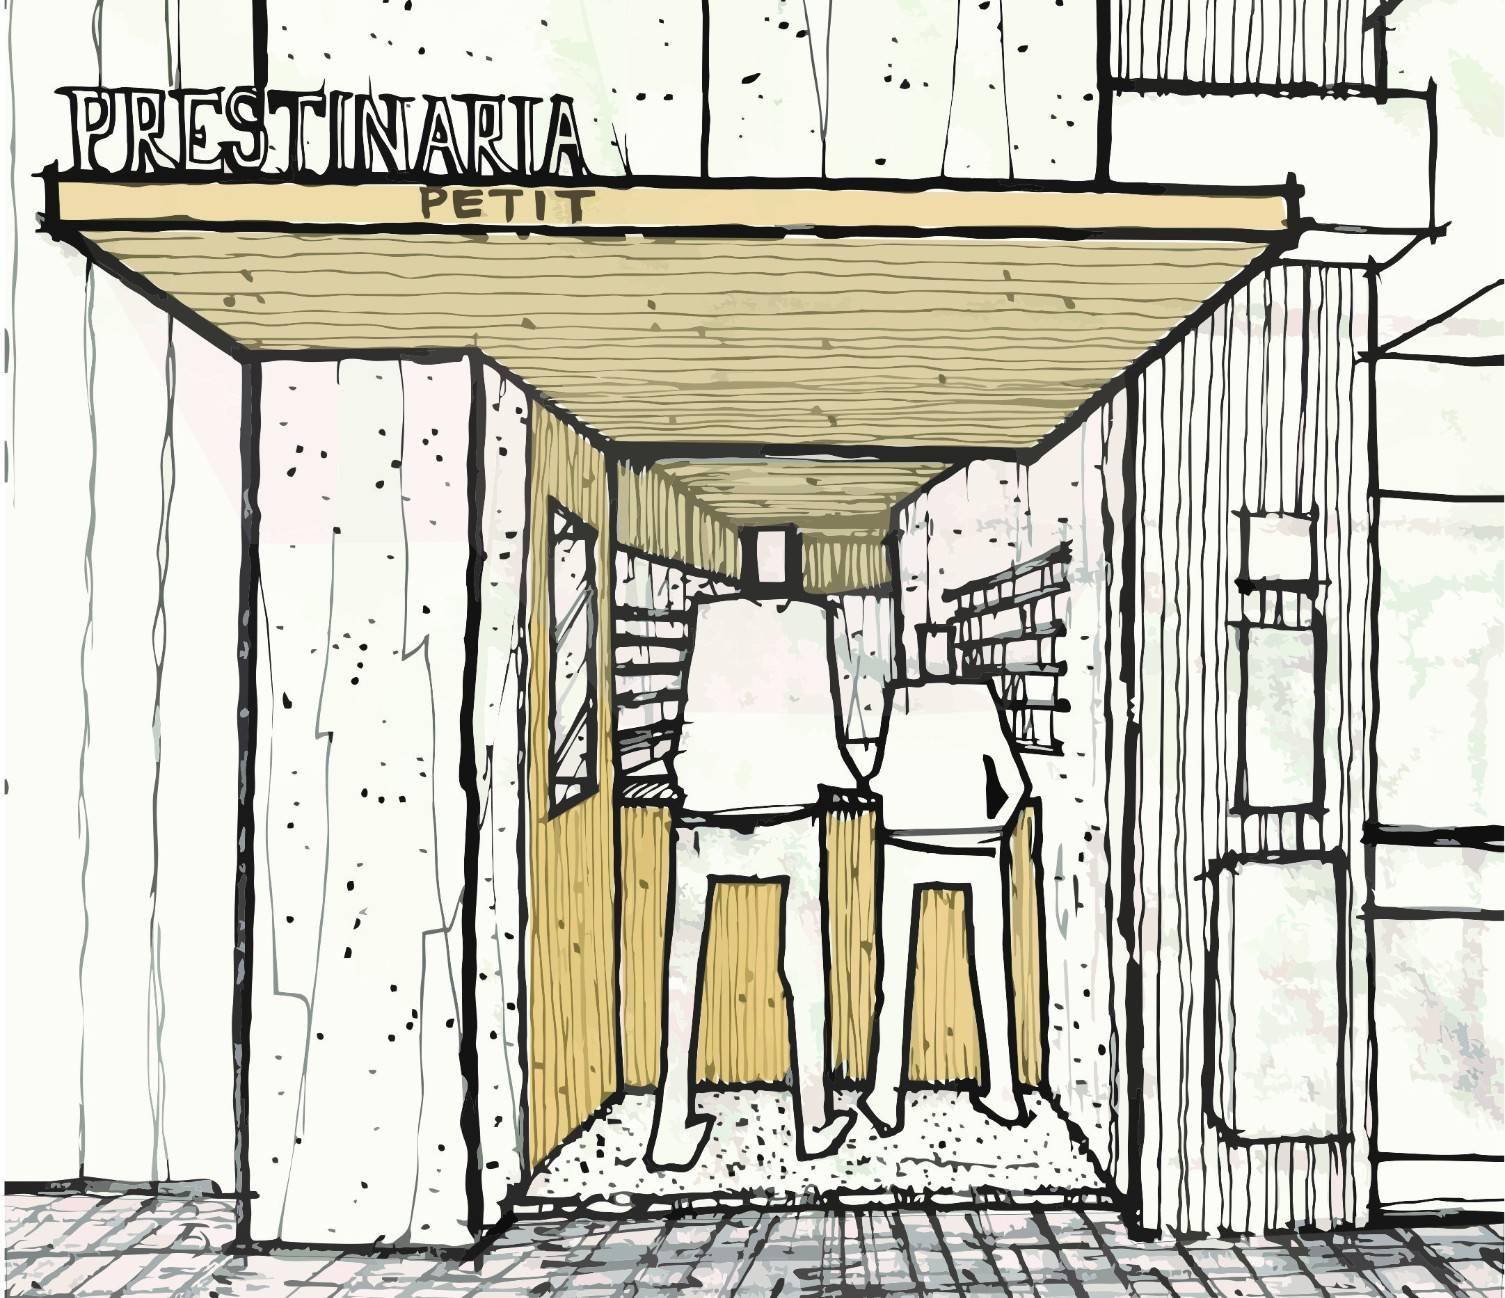 Projeto da Prestinaria Petit é da MG2 Arquitetura. Foto: Divulgação/Prestinaria